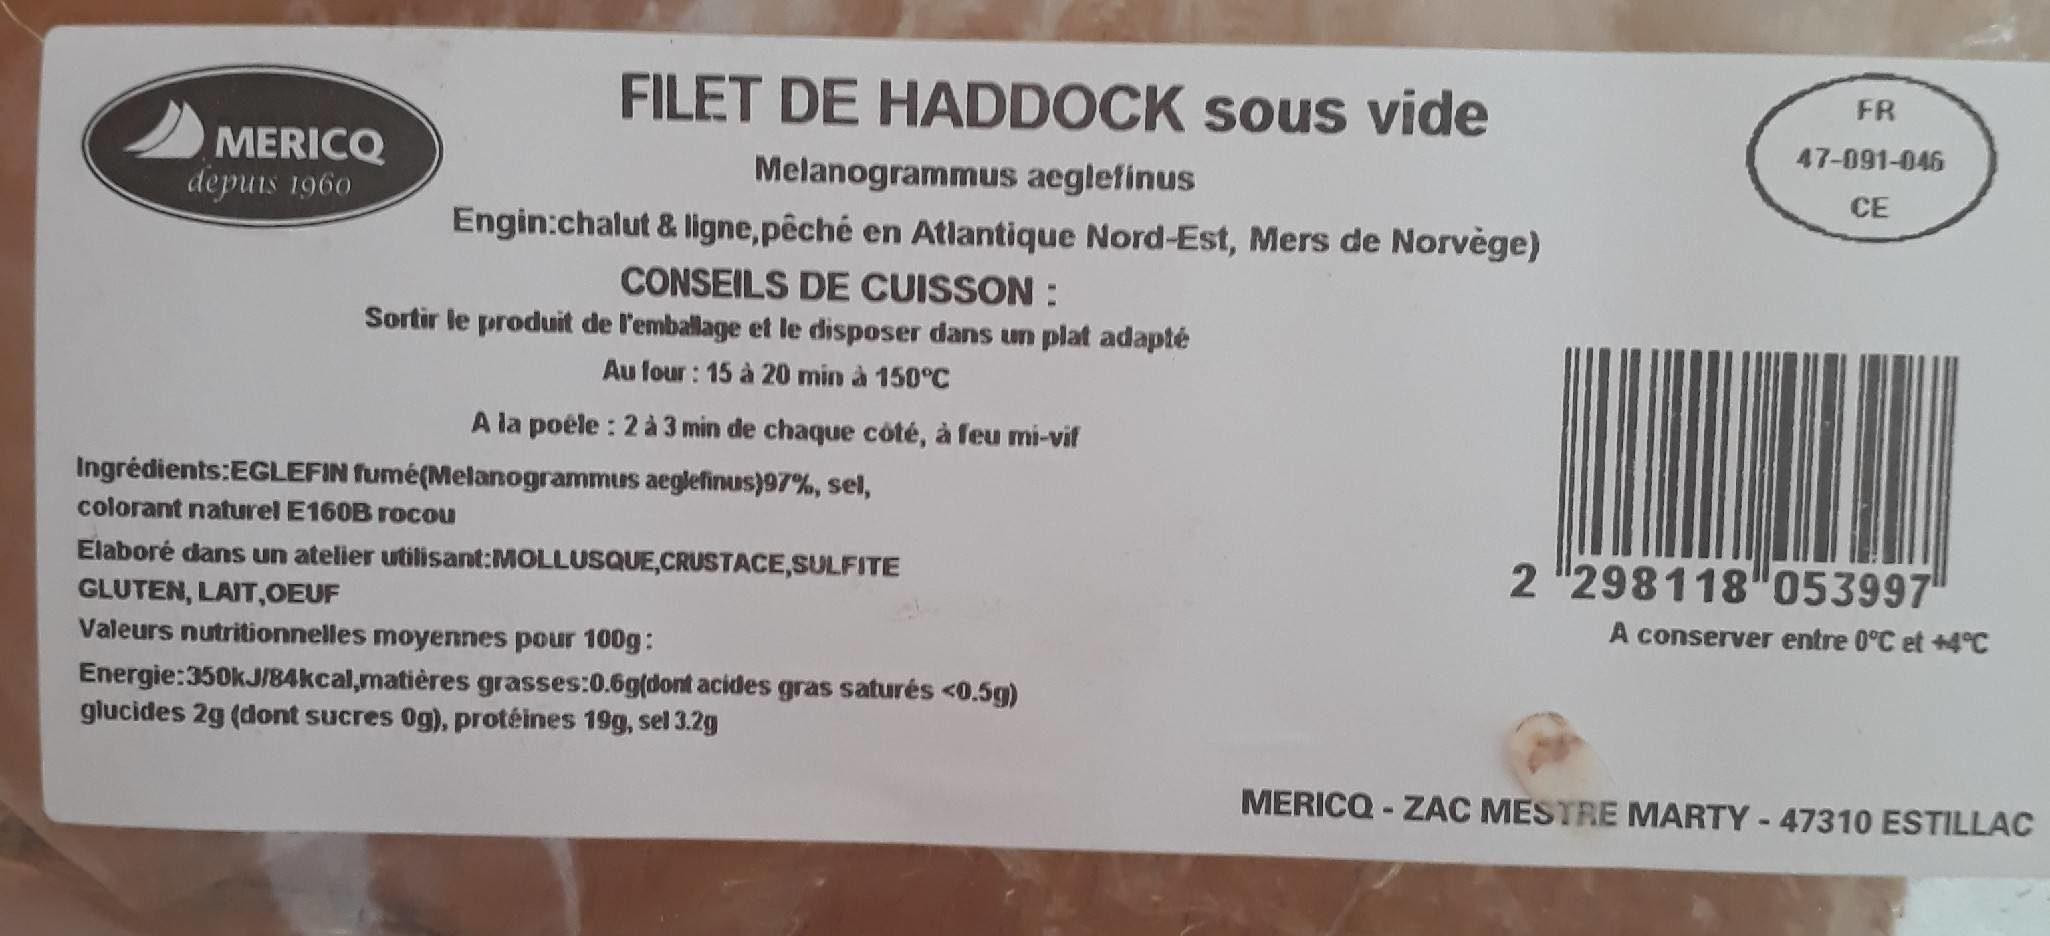 Filet de haddock - Product - fr